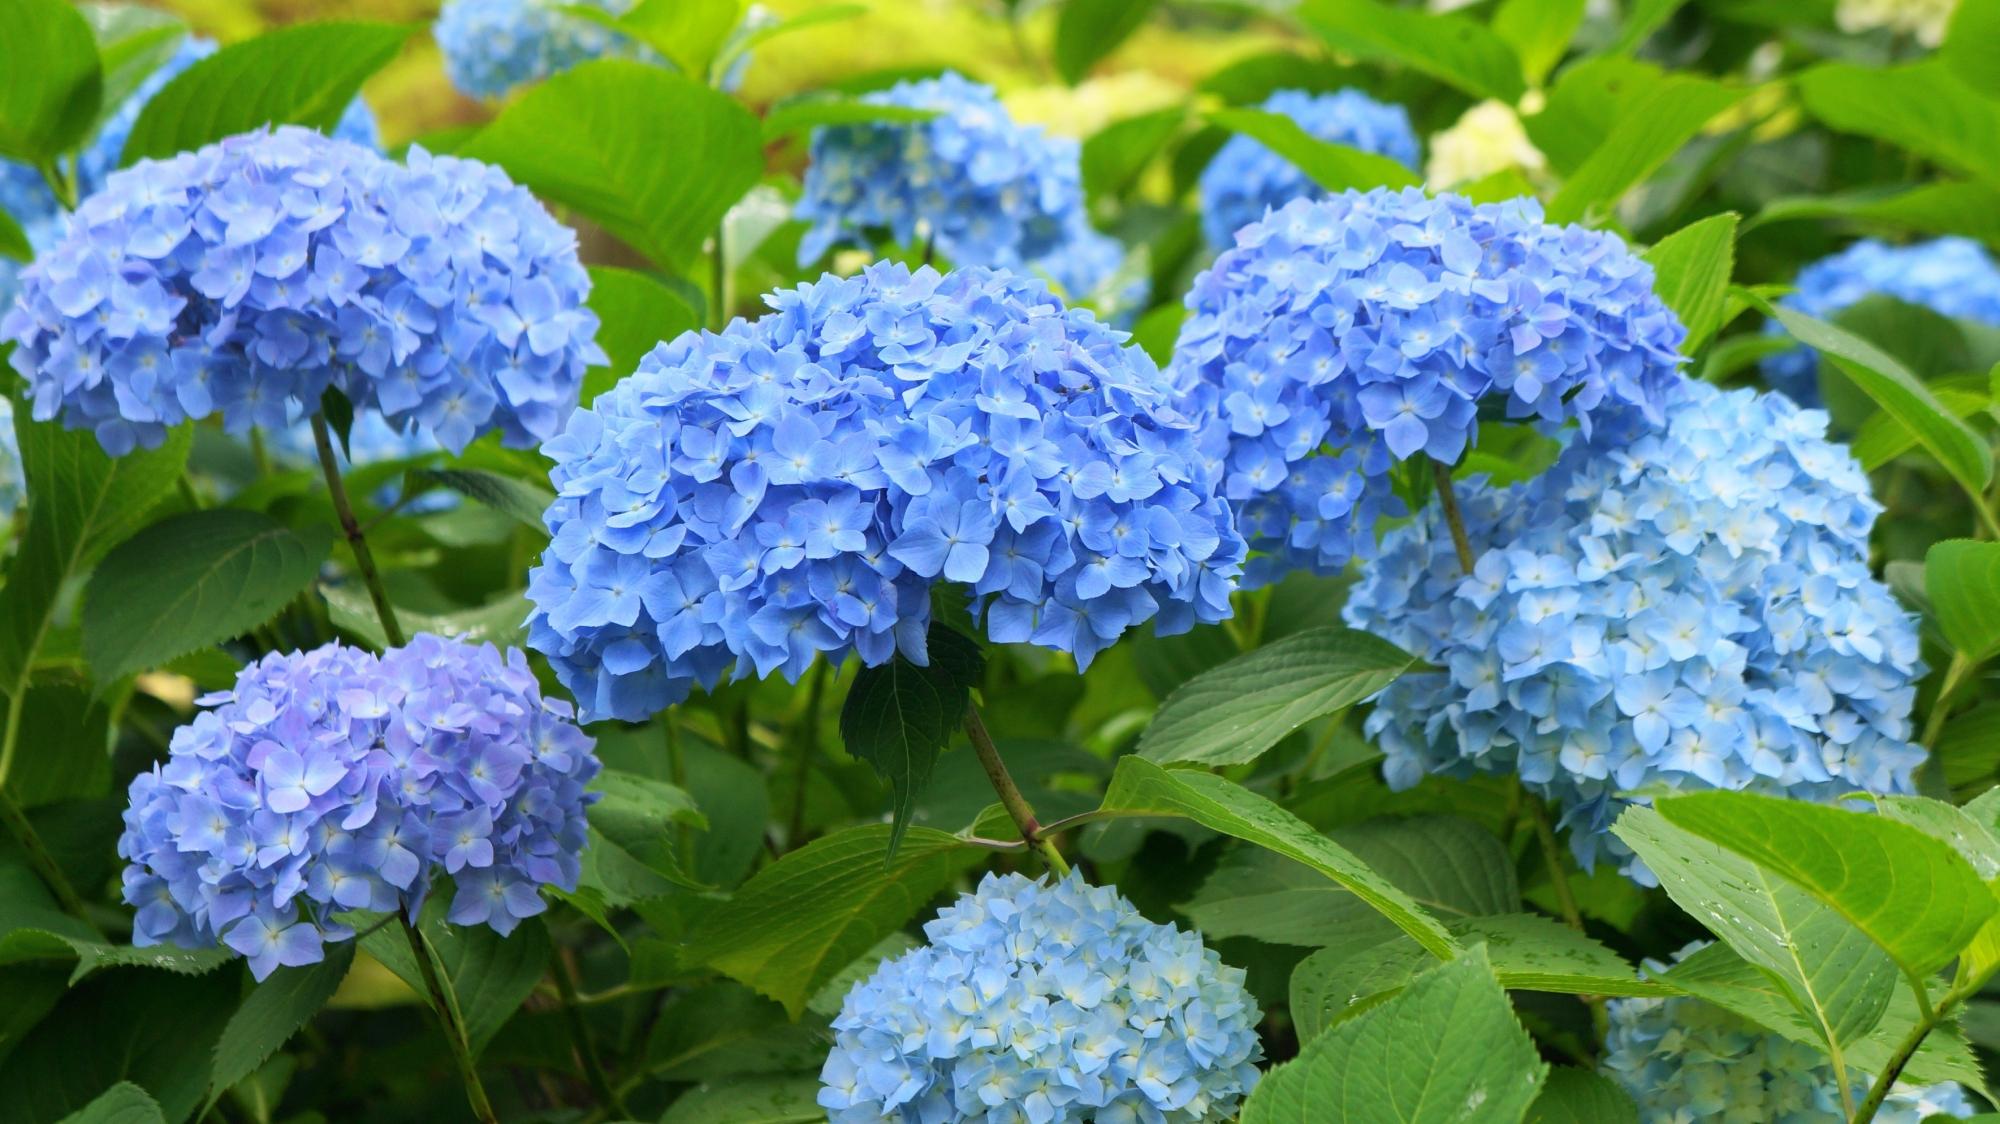 緑の葉の上で優雅に揺らめく青い紫陽花